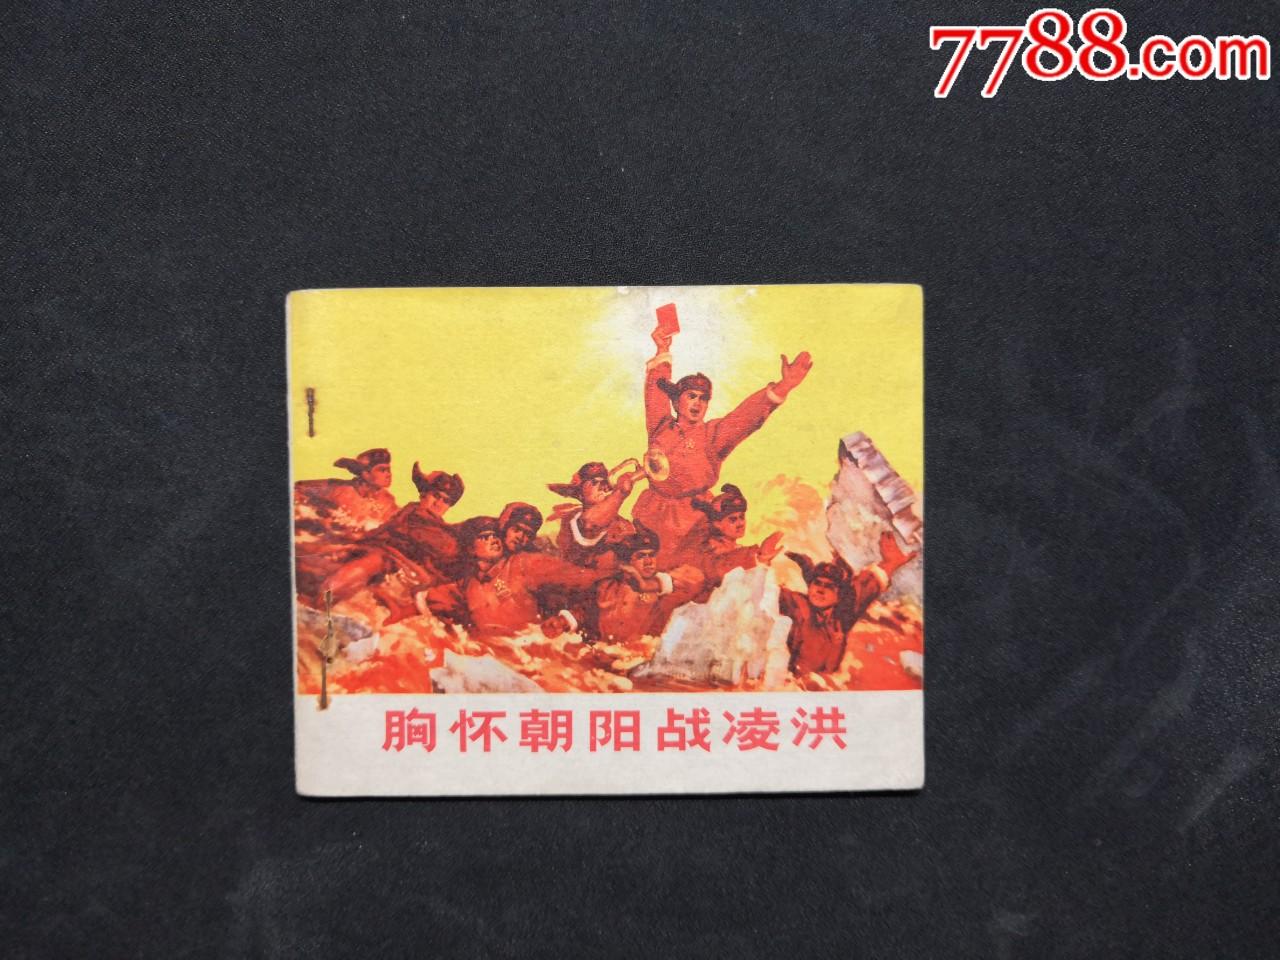 胸怀朝阳战凌洪(大文革)(au21162384)_